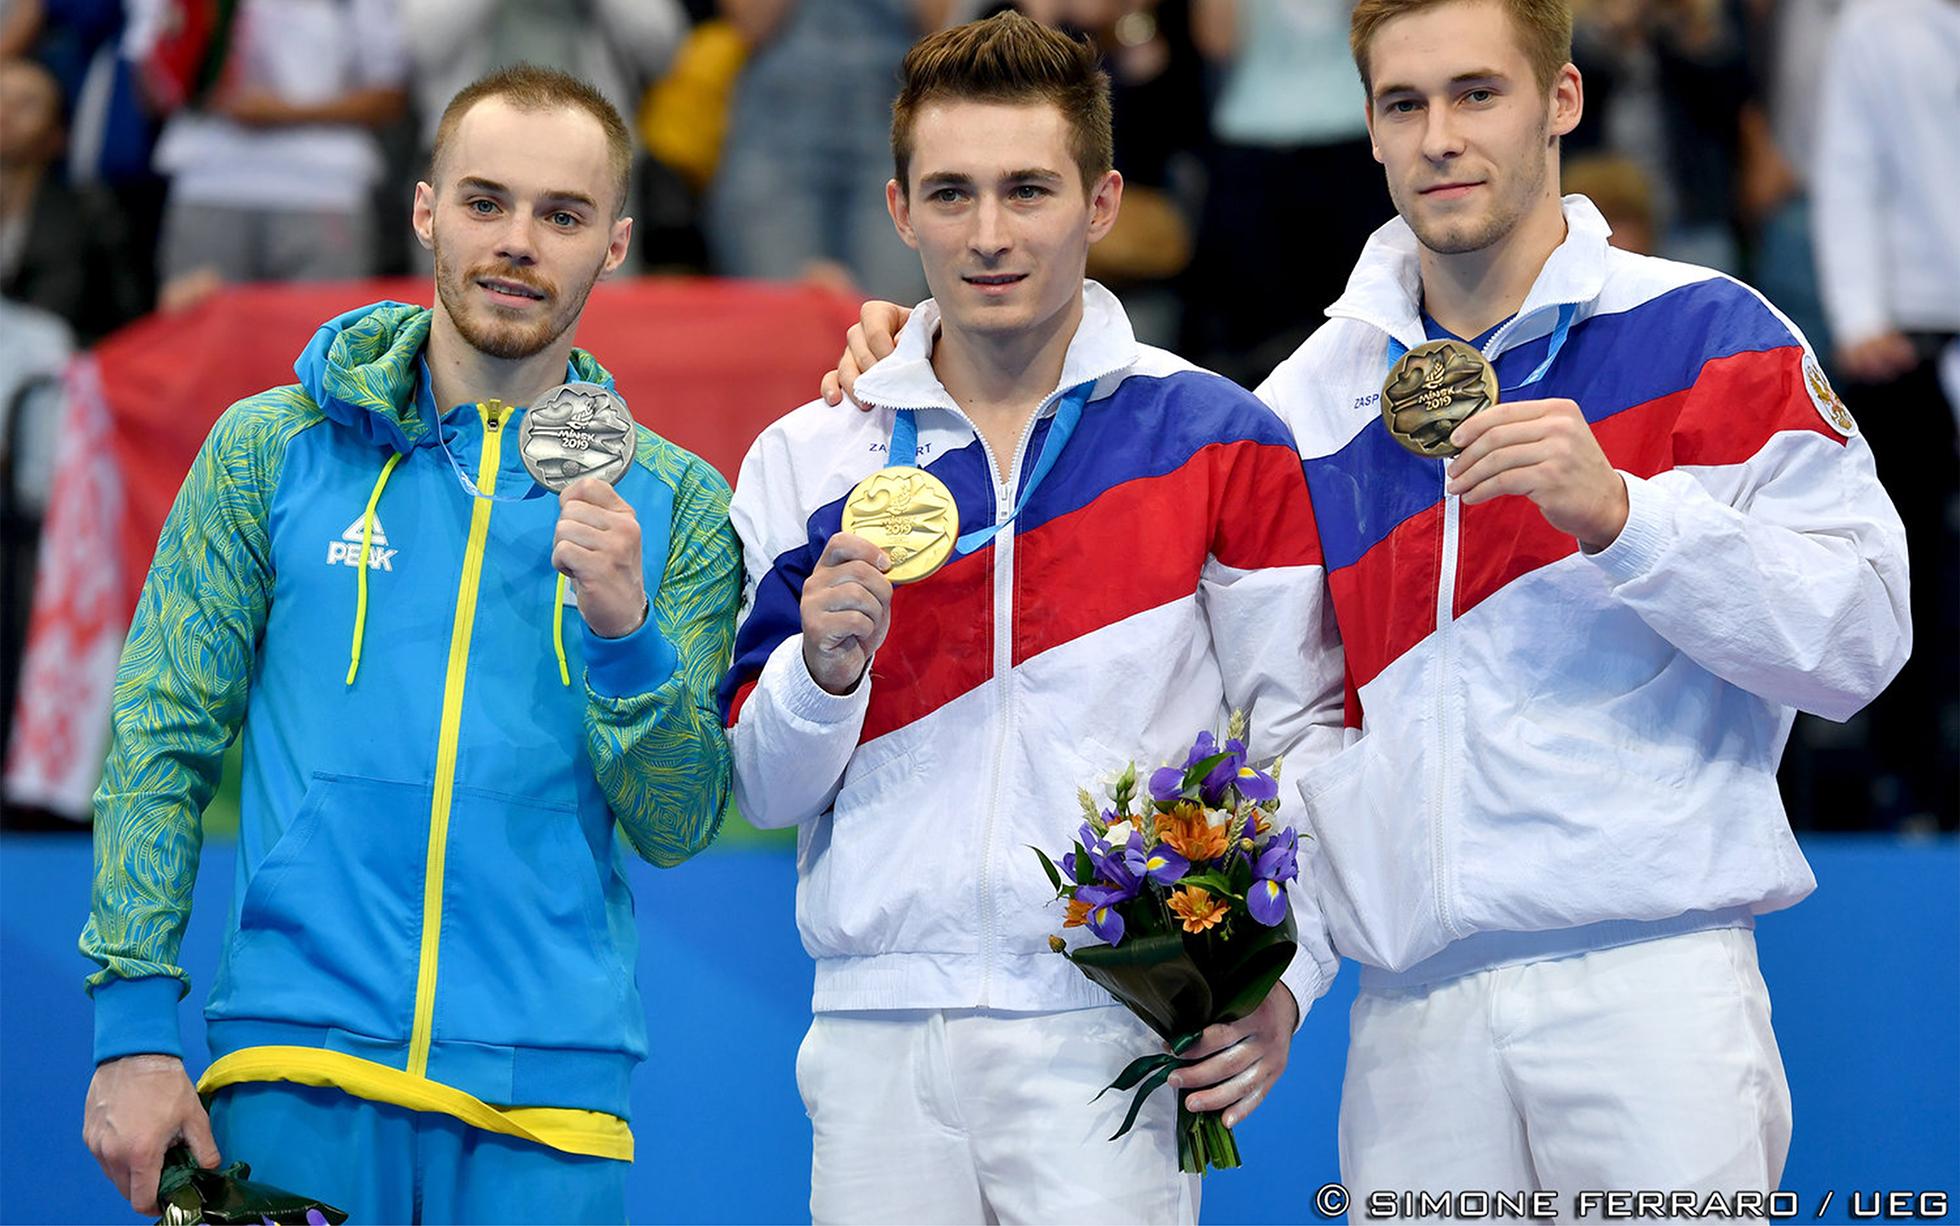 David Belyavskiy, Oleg Verniaiev, Vladislav Poliashov